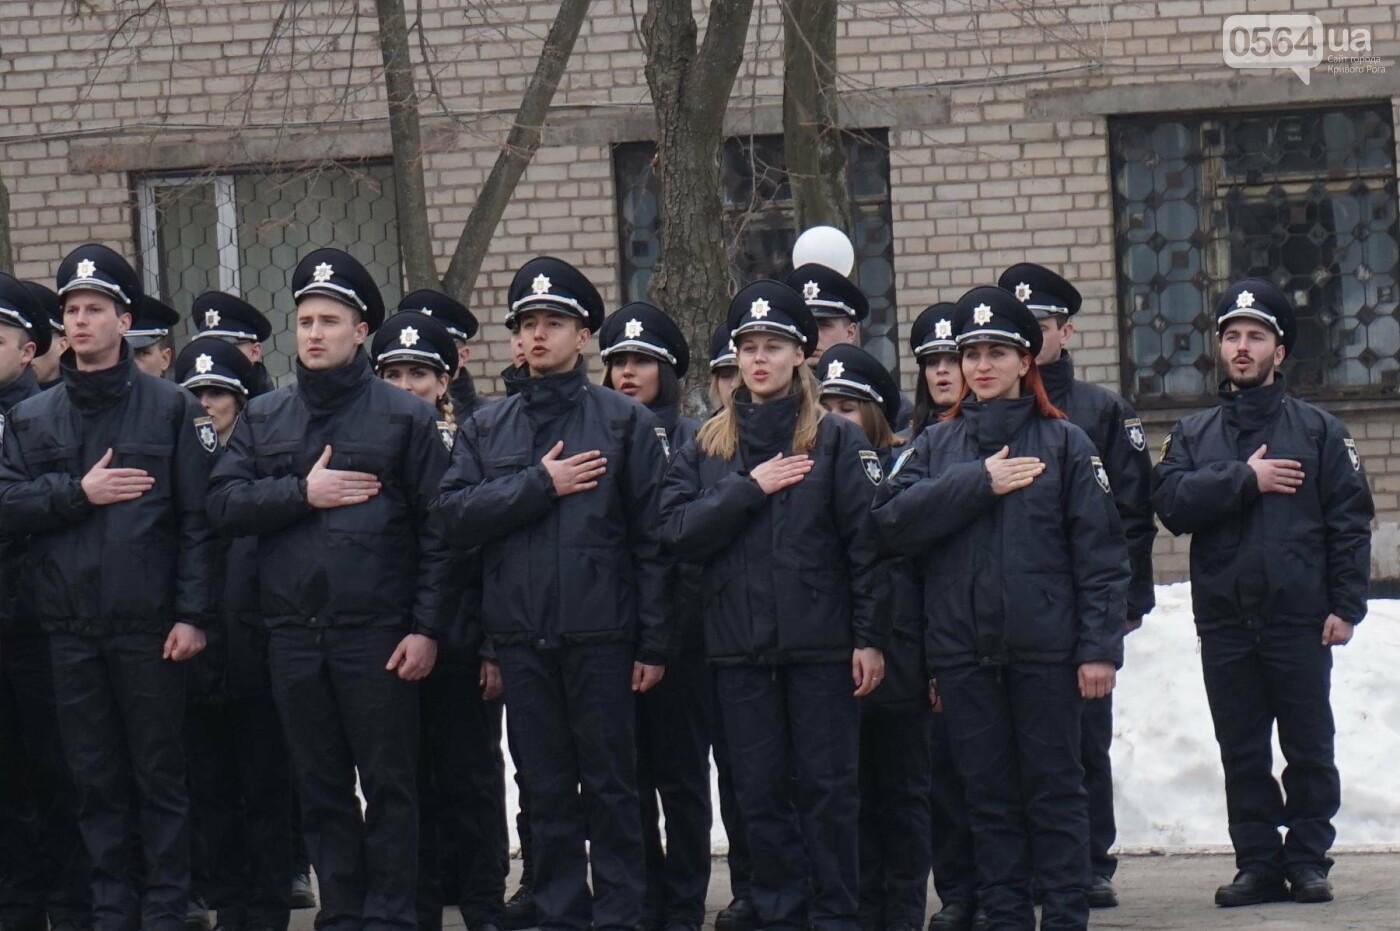 """""""Нет более достойной профессии, чем служить людям"""": в Кривом Роге 43 человека присягнули на верность народу Украины (ФОТО), фото-1"""